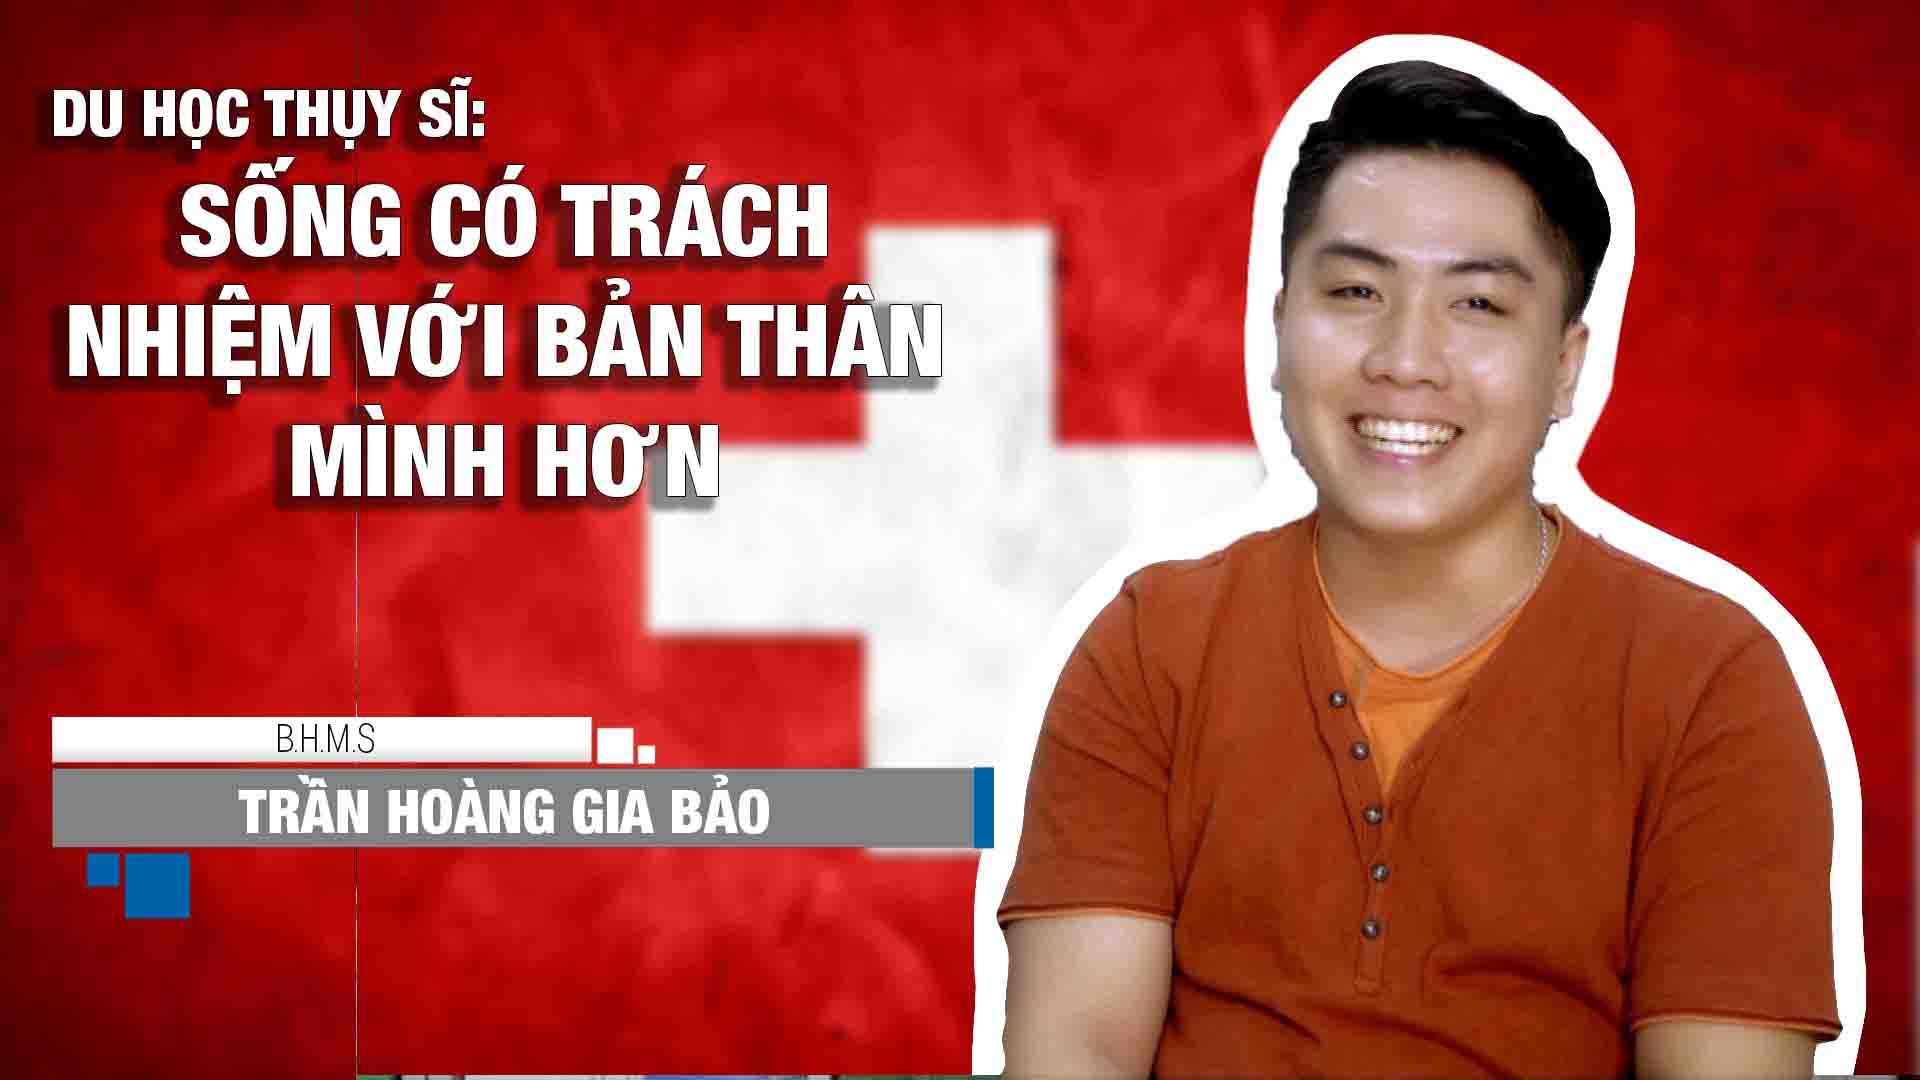 Trần Hoàng Gia Bảo là sinh viên của khóa Chứng chỉ Sau Đại học, nhập học trong khóa tháng 5/2016 của Học viện BHMS Thụy Sĩ.